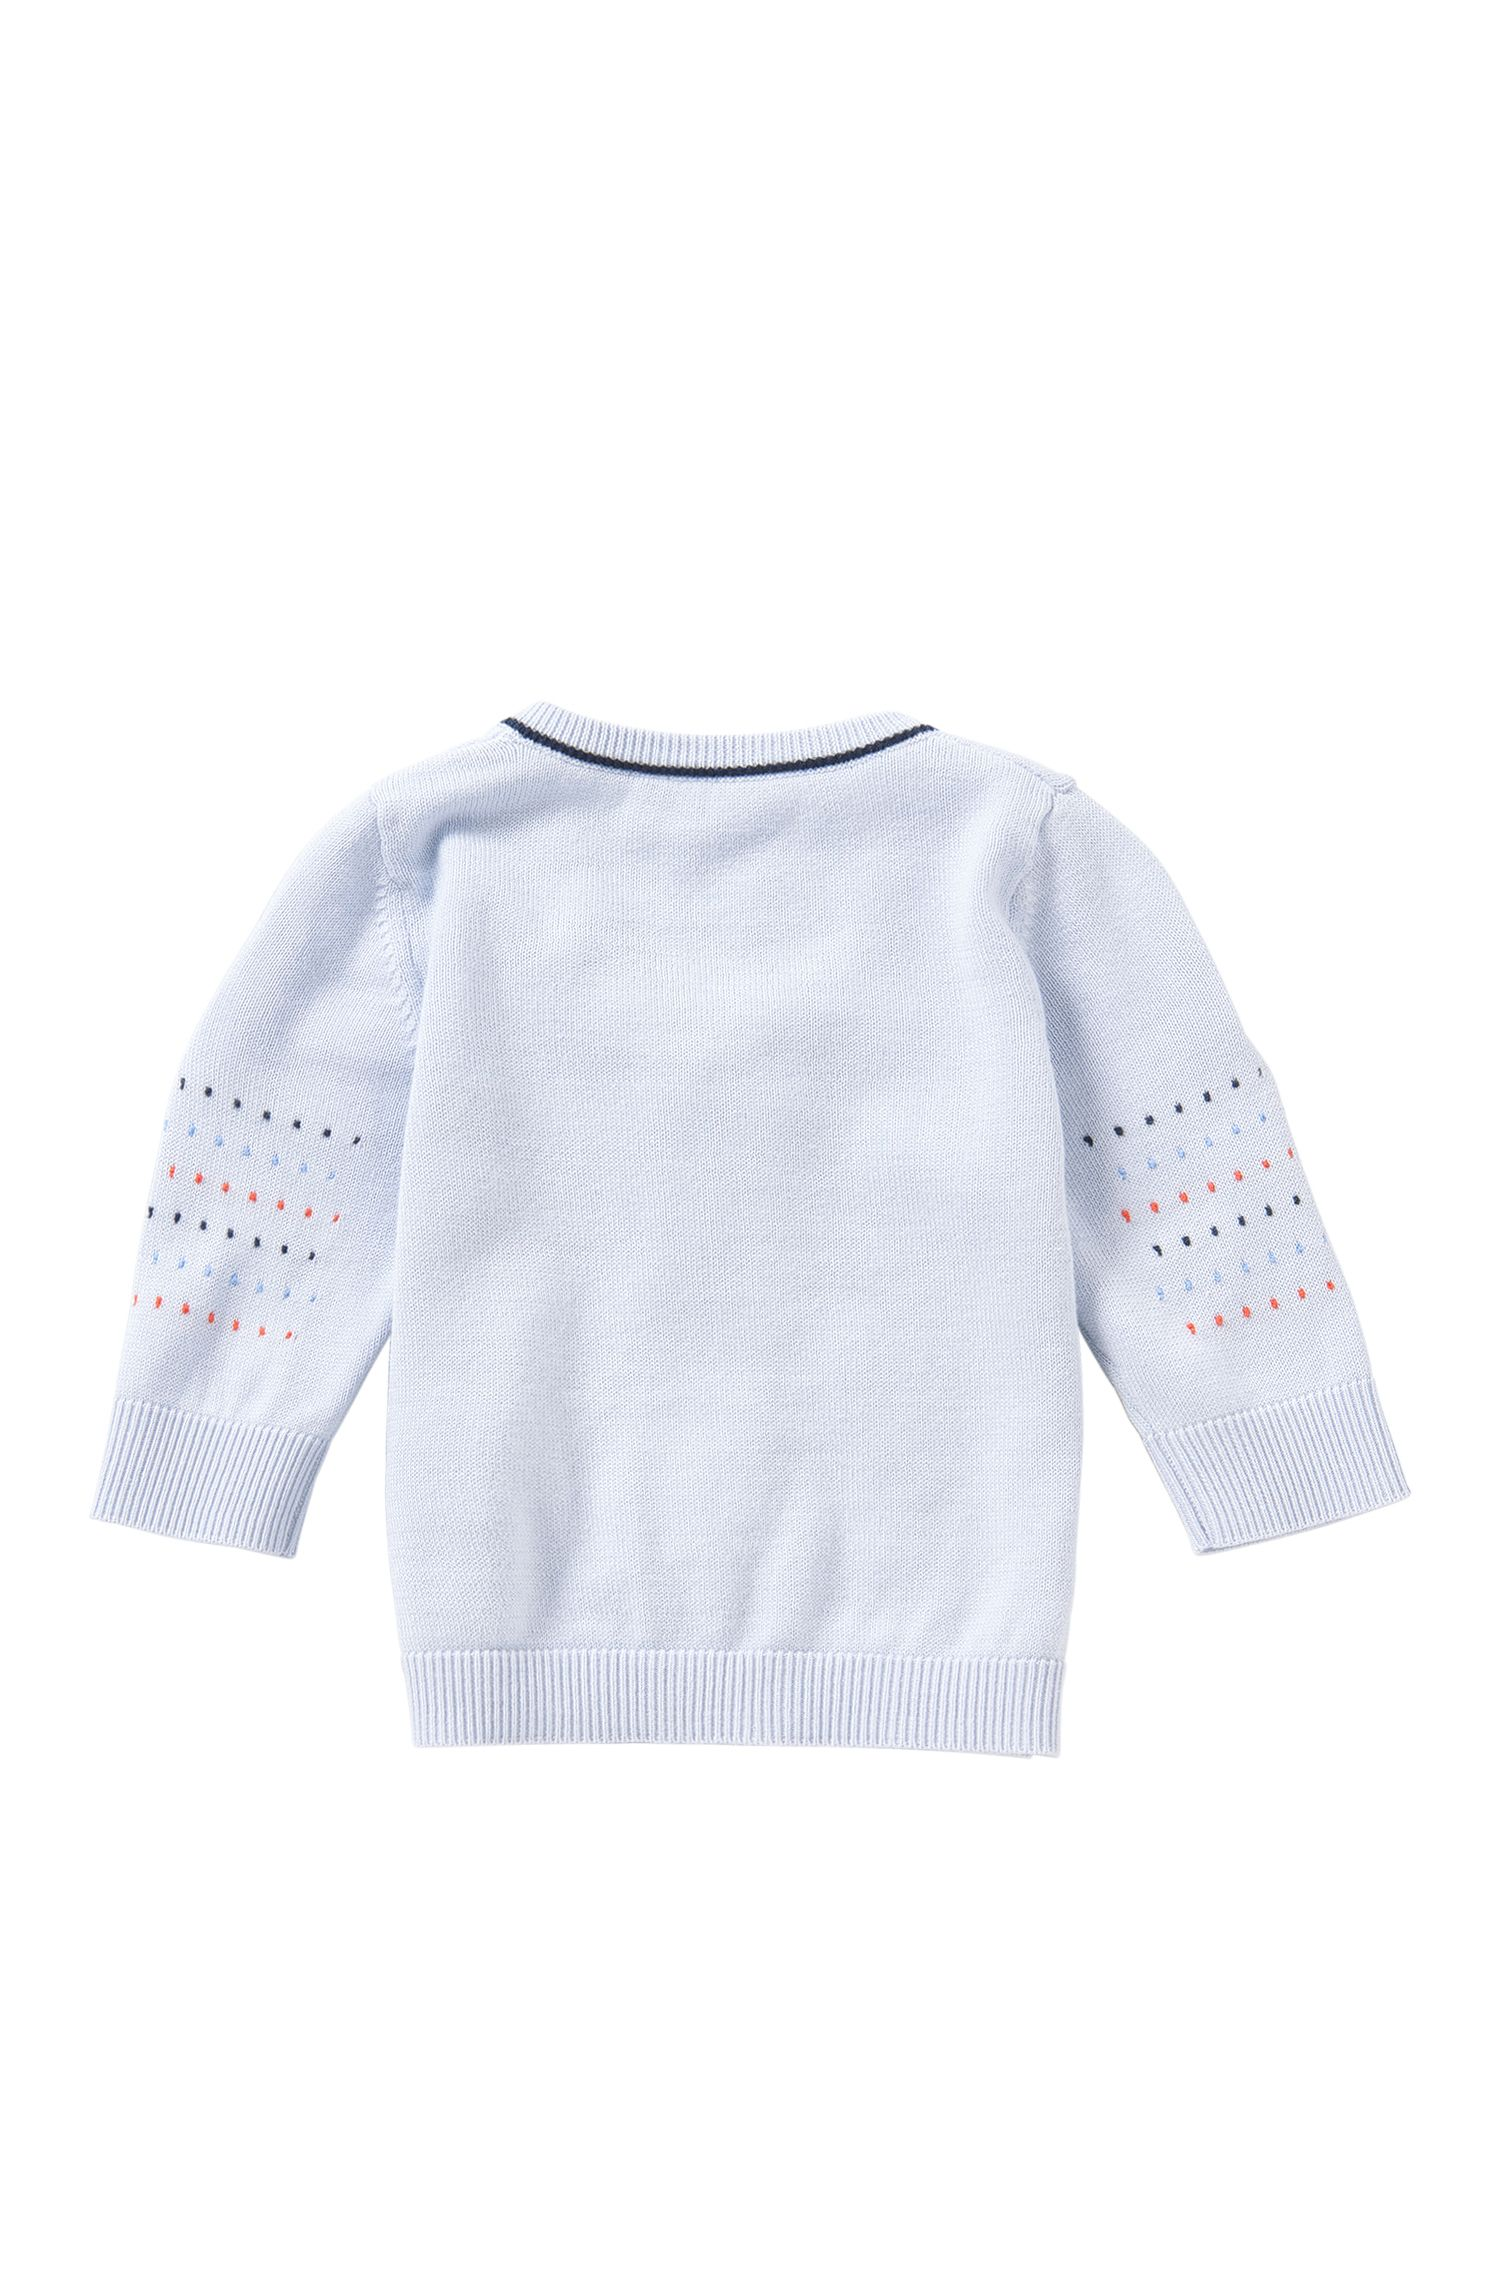 Baby-Strickjacke aus Baumwoll-Modal-Mix mit Reißverschluss: 'J95195'